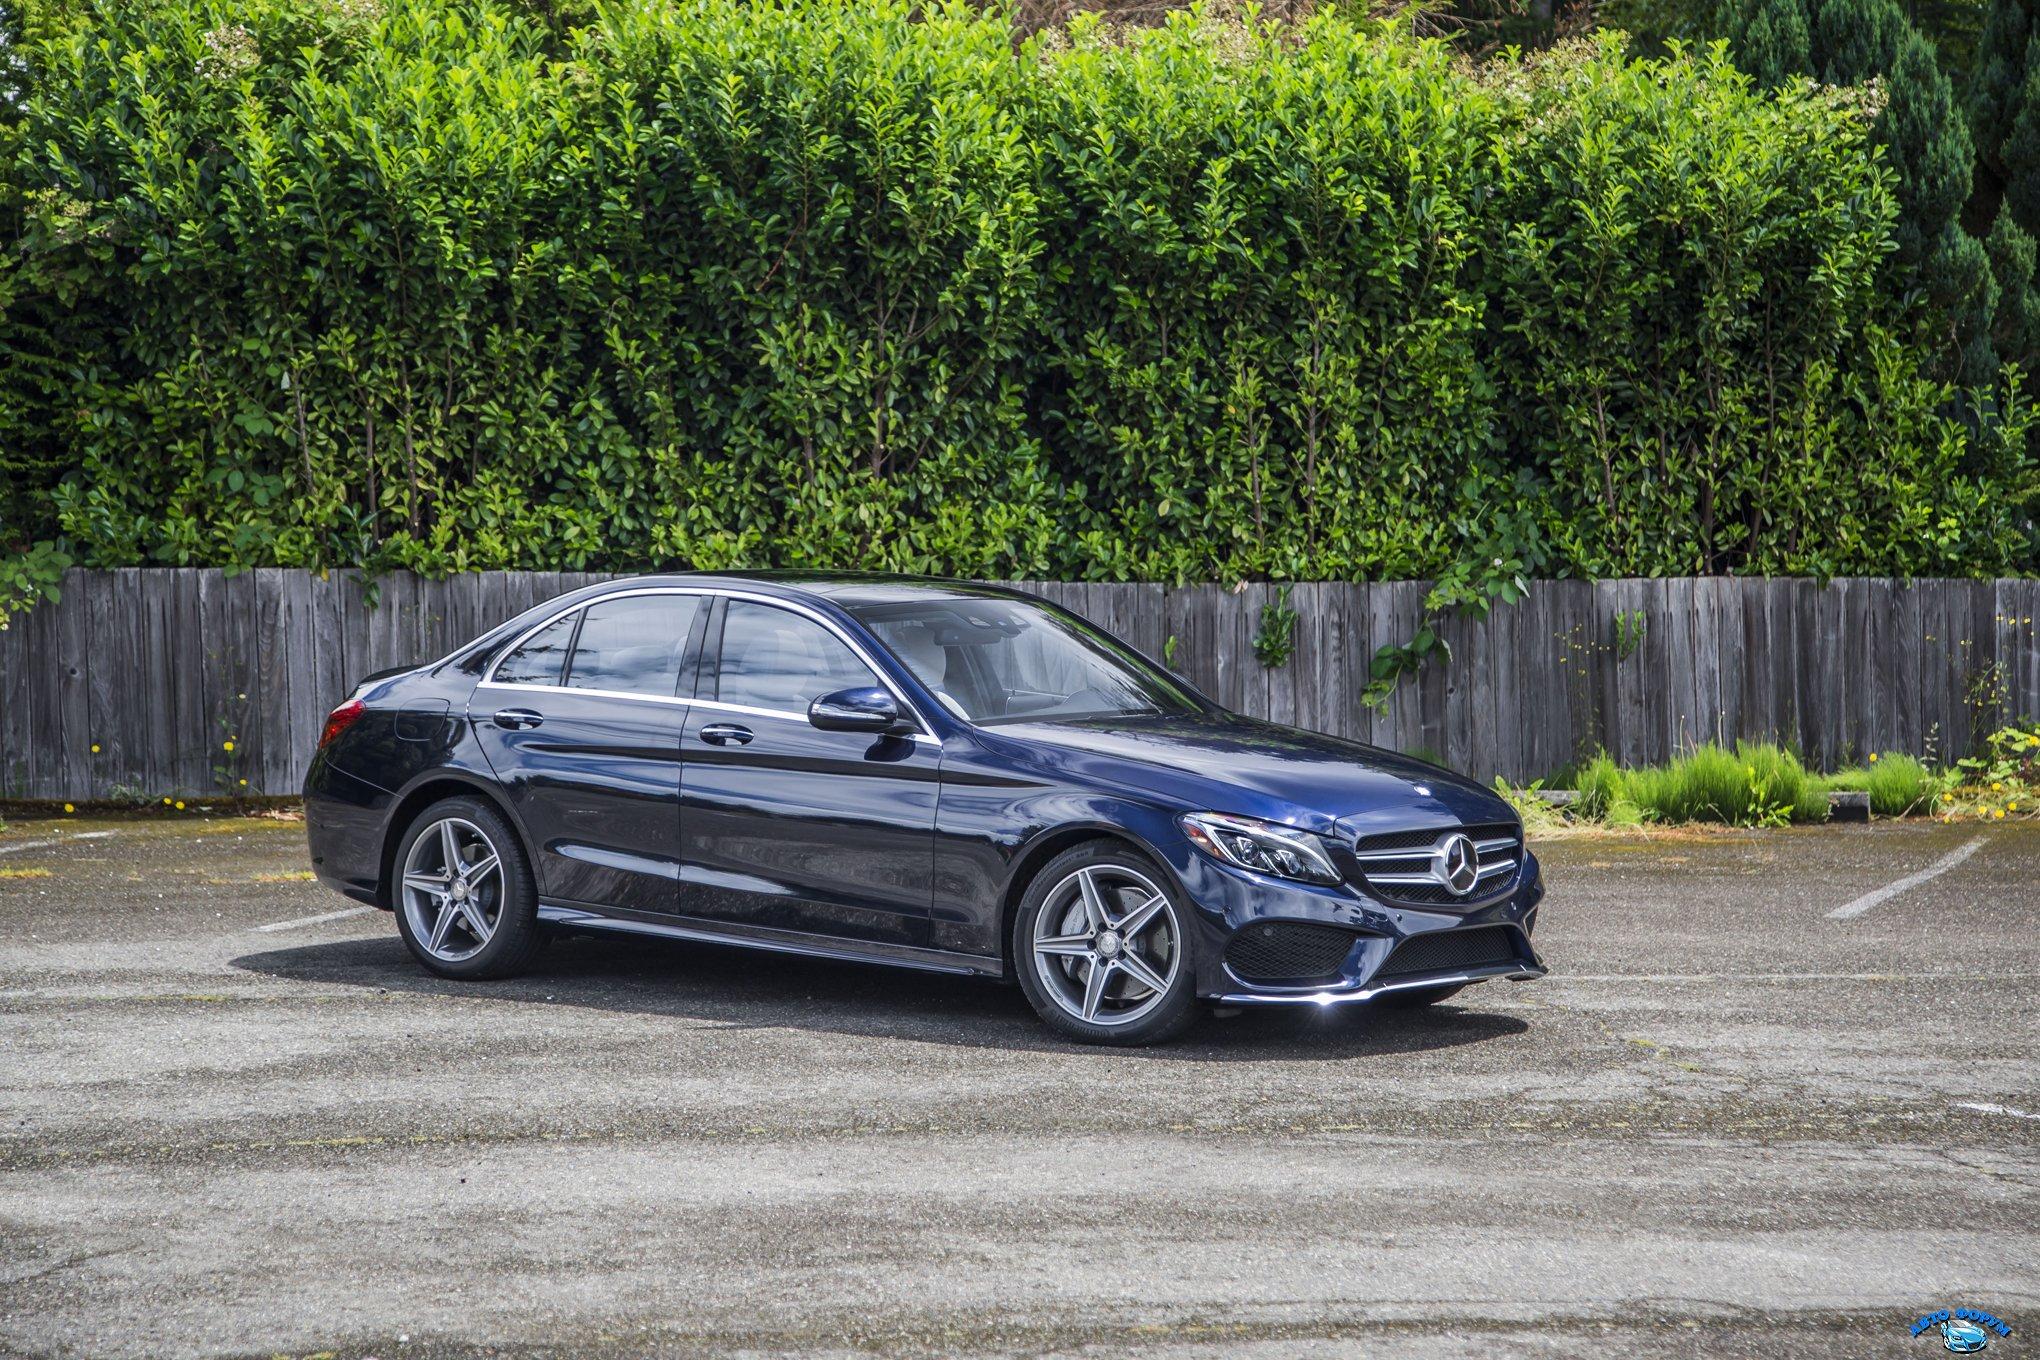 2015-Mercedes-Benz-C400-4Matic-front-three-quarter-022.jpg